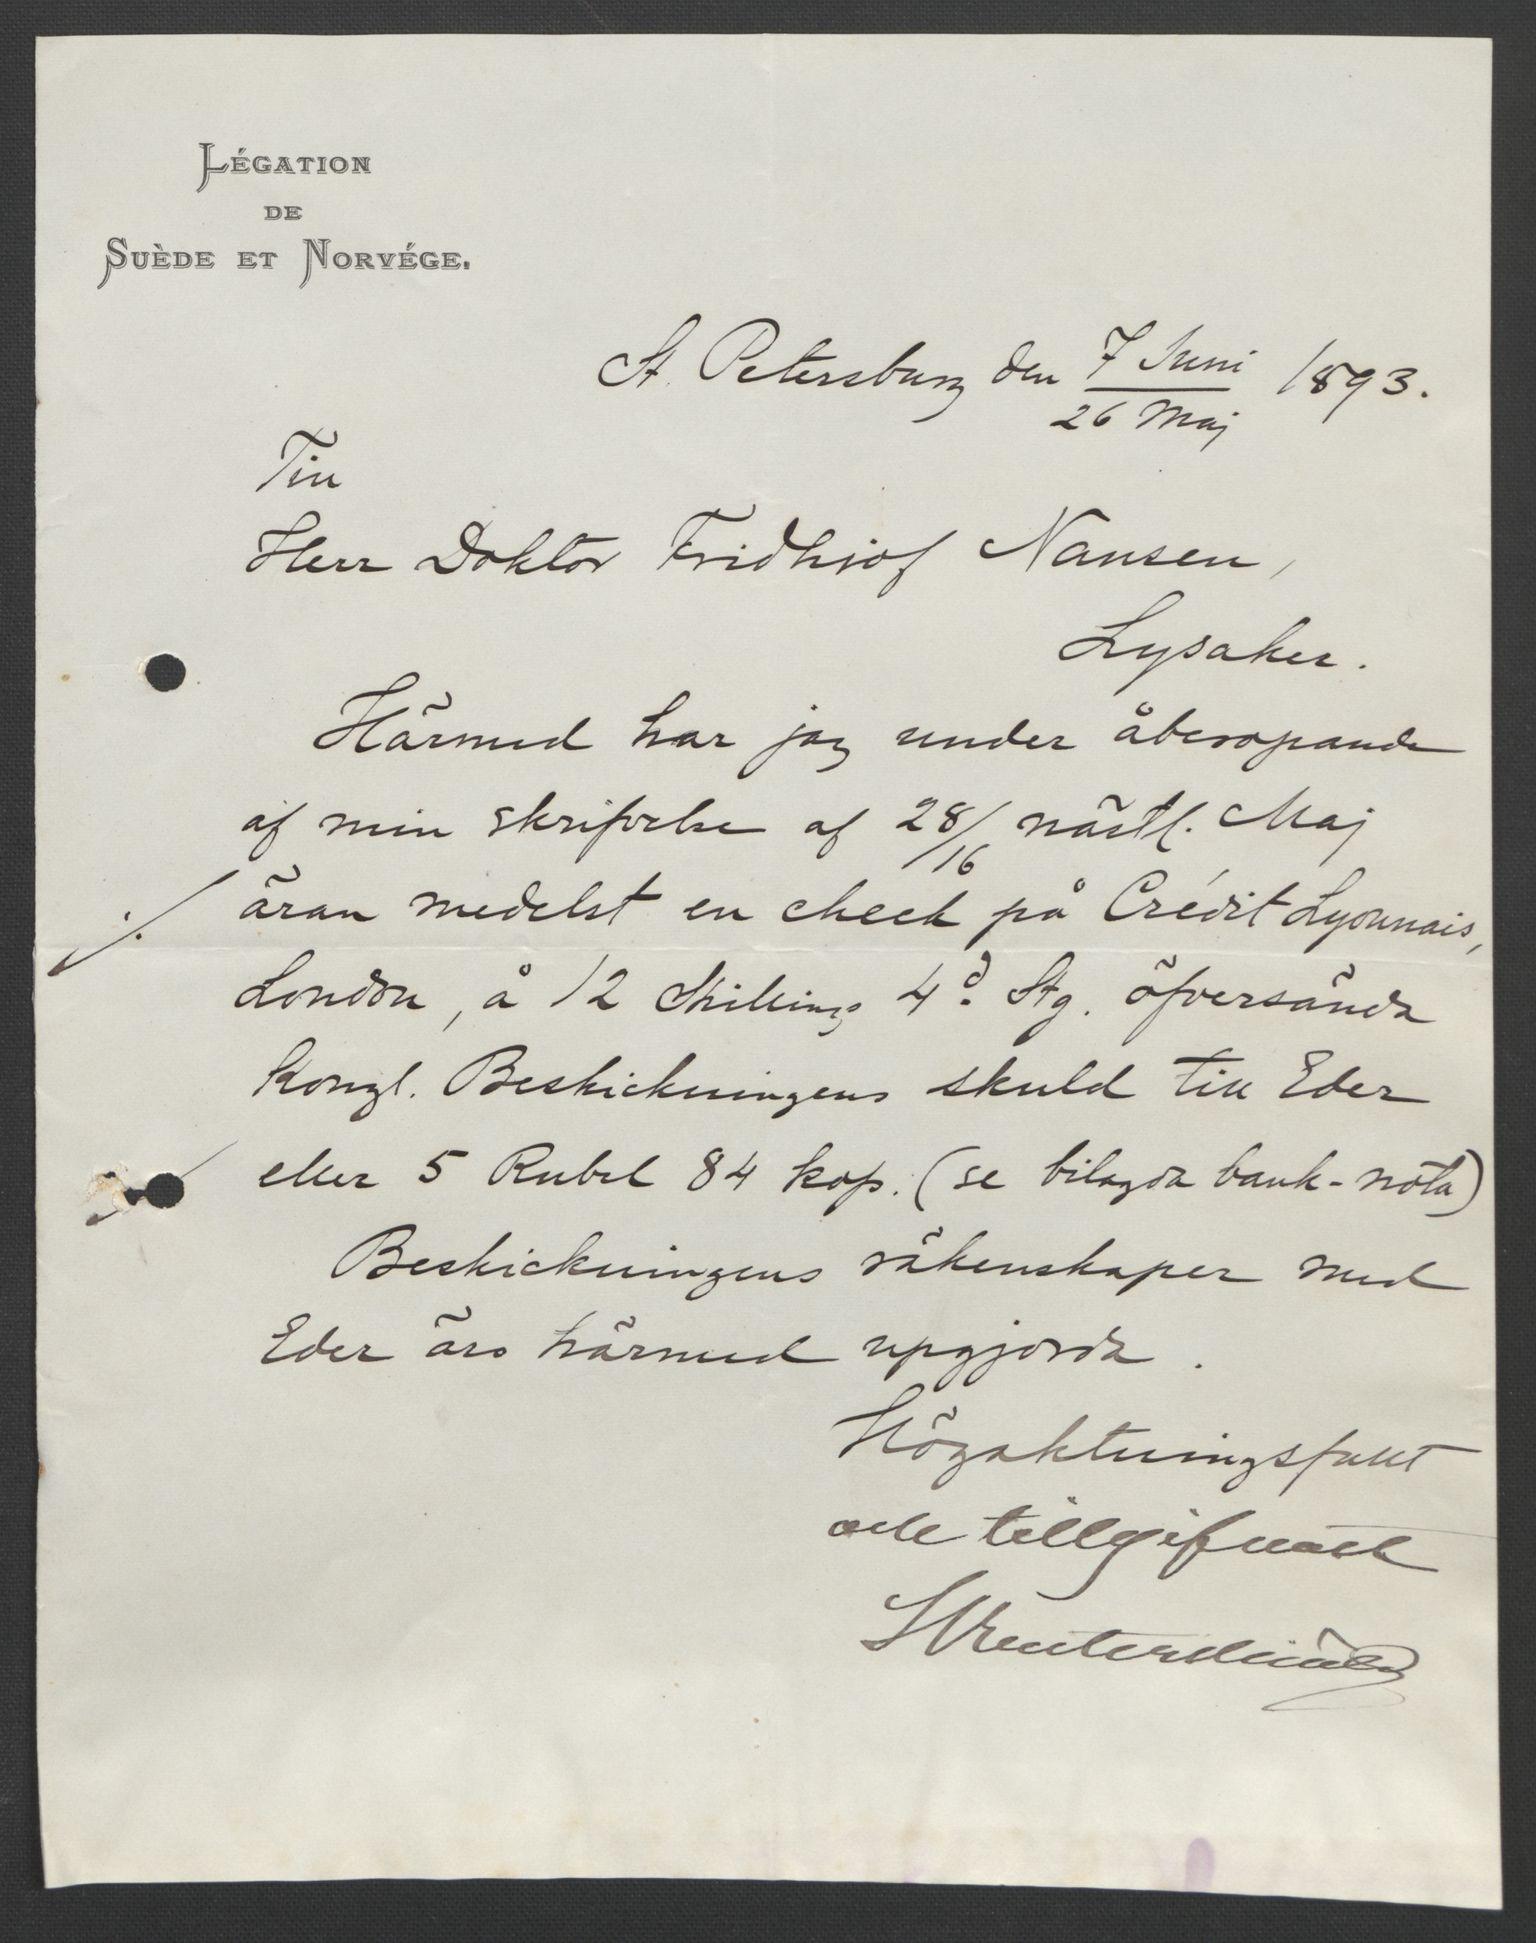 RA, Arbeidskomitéen for Fridtjof Nansens polarekspedisjon, D/L0003: Innk. brev og telegrammer vedr. proviant og utrustning, 1893, s. 327